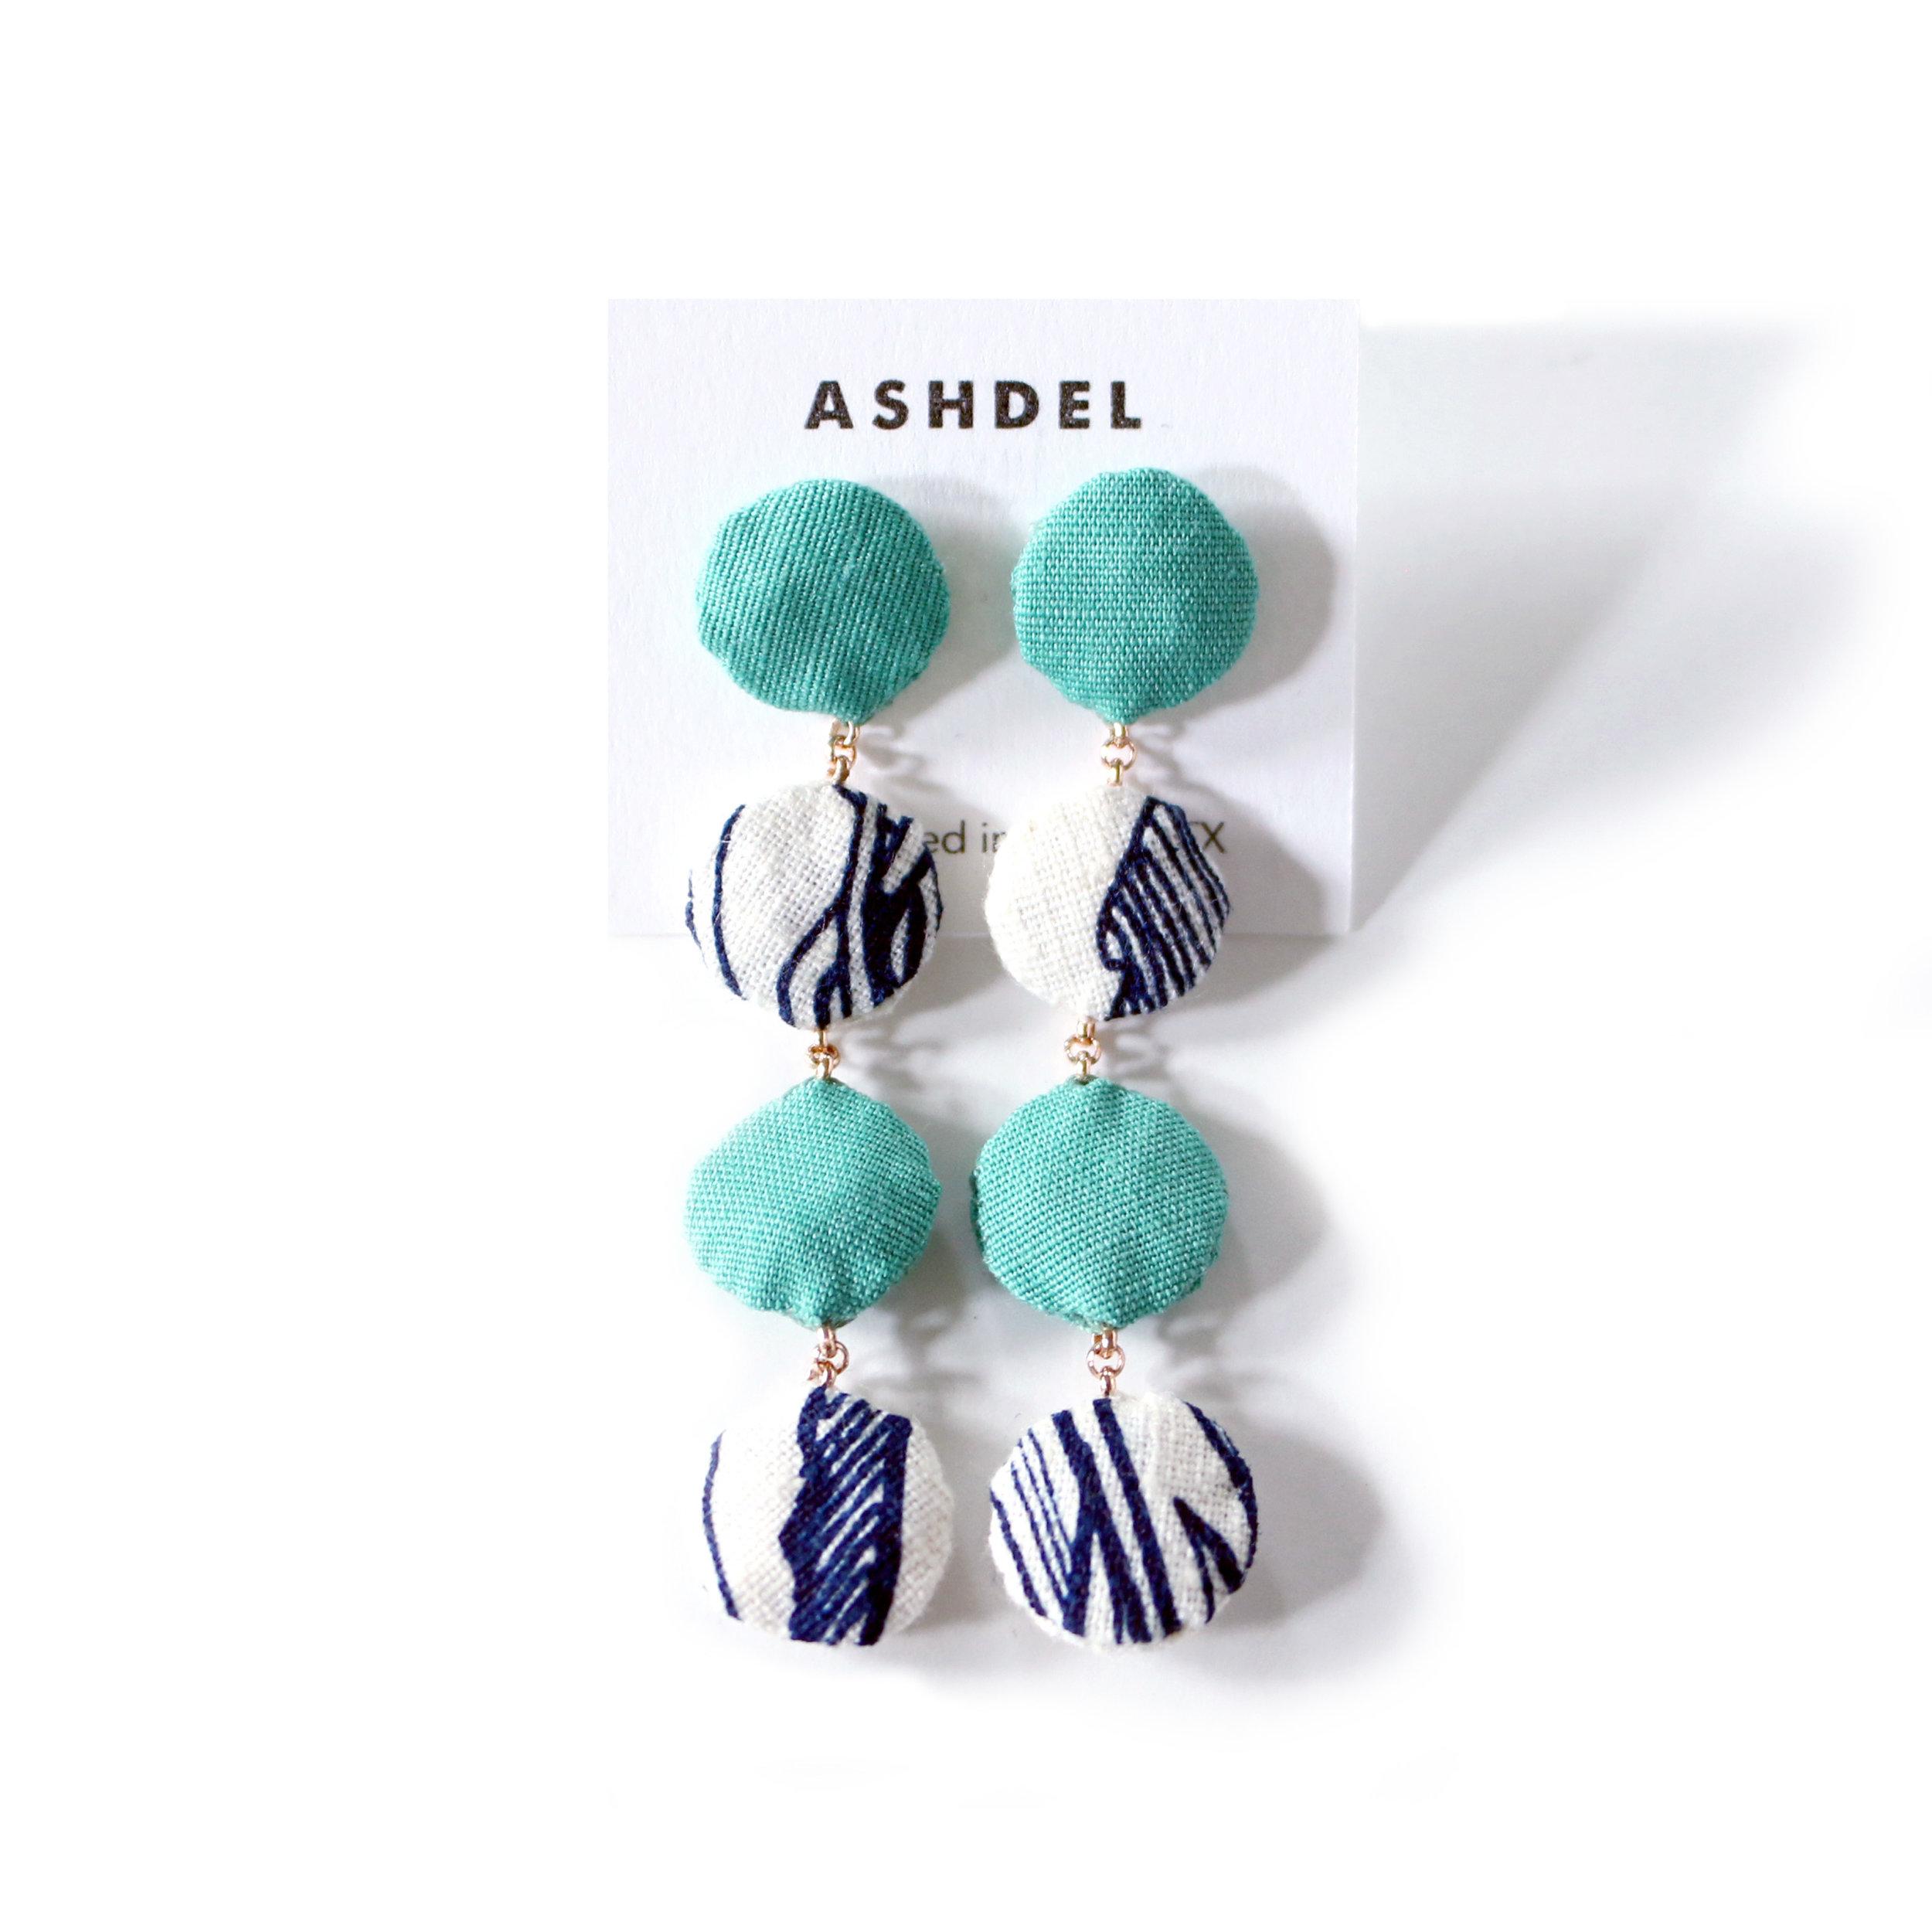 teal-navy-floral-dangly-earrings-1d.jpg